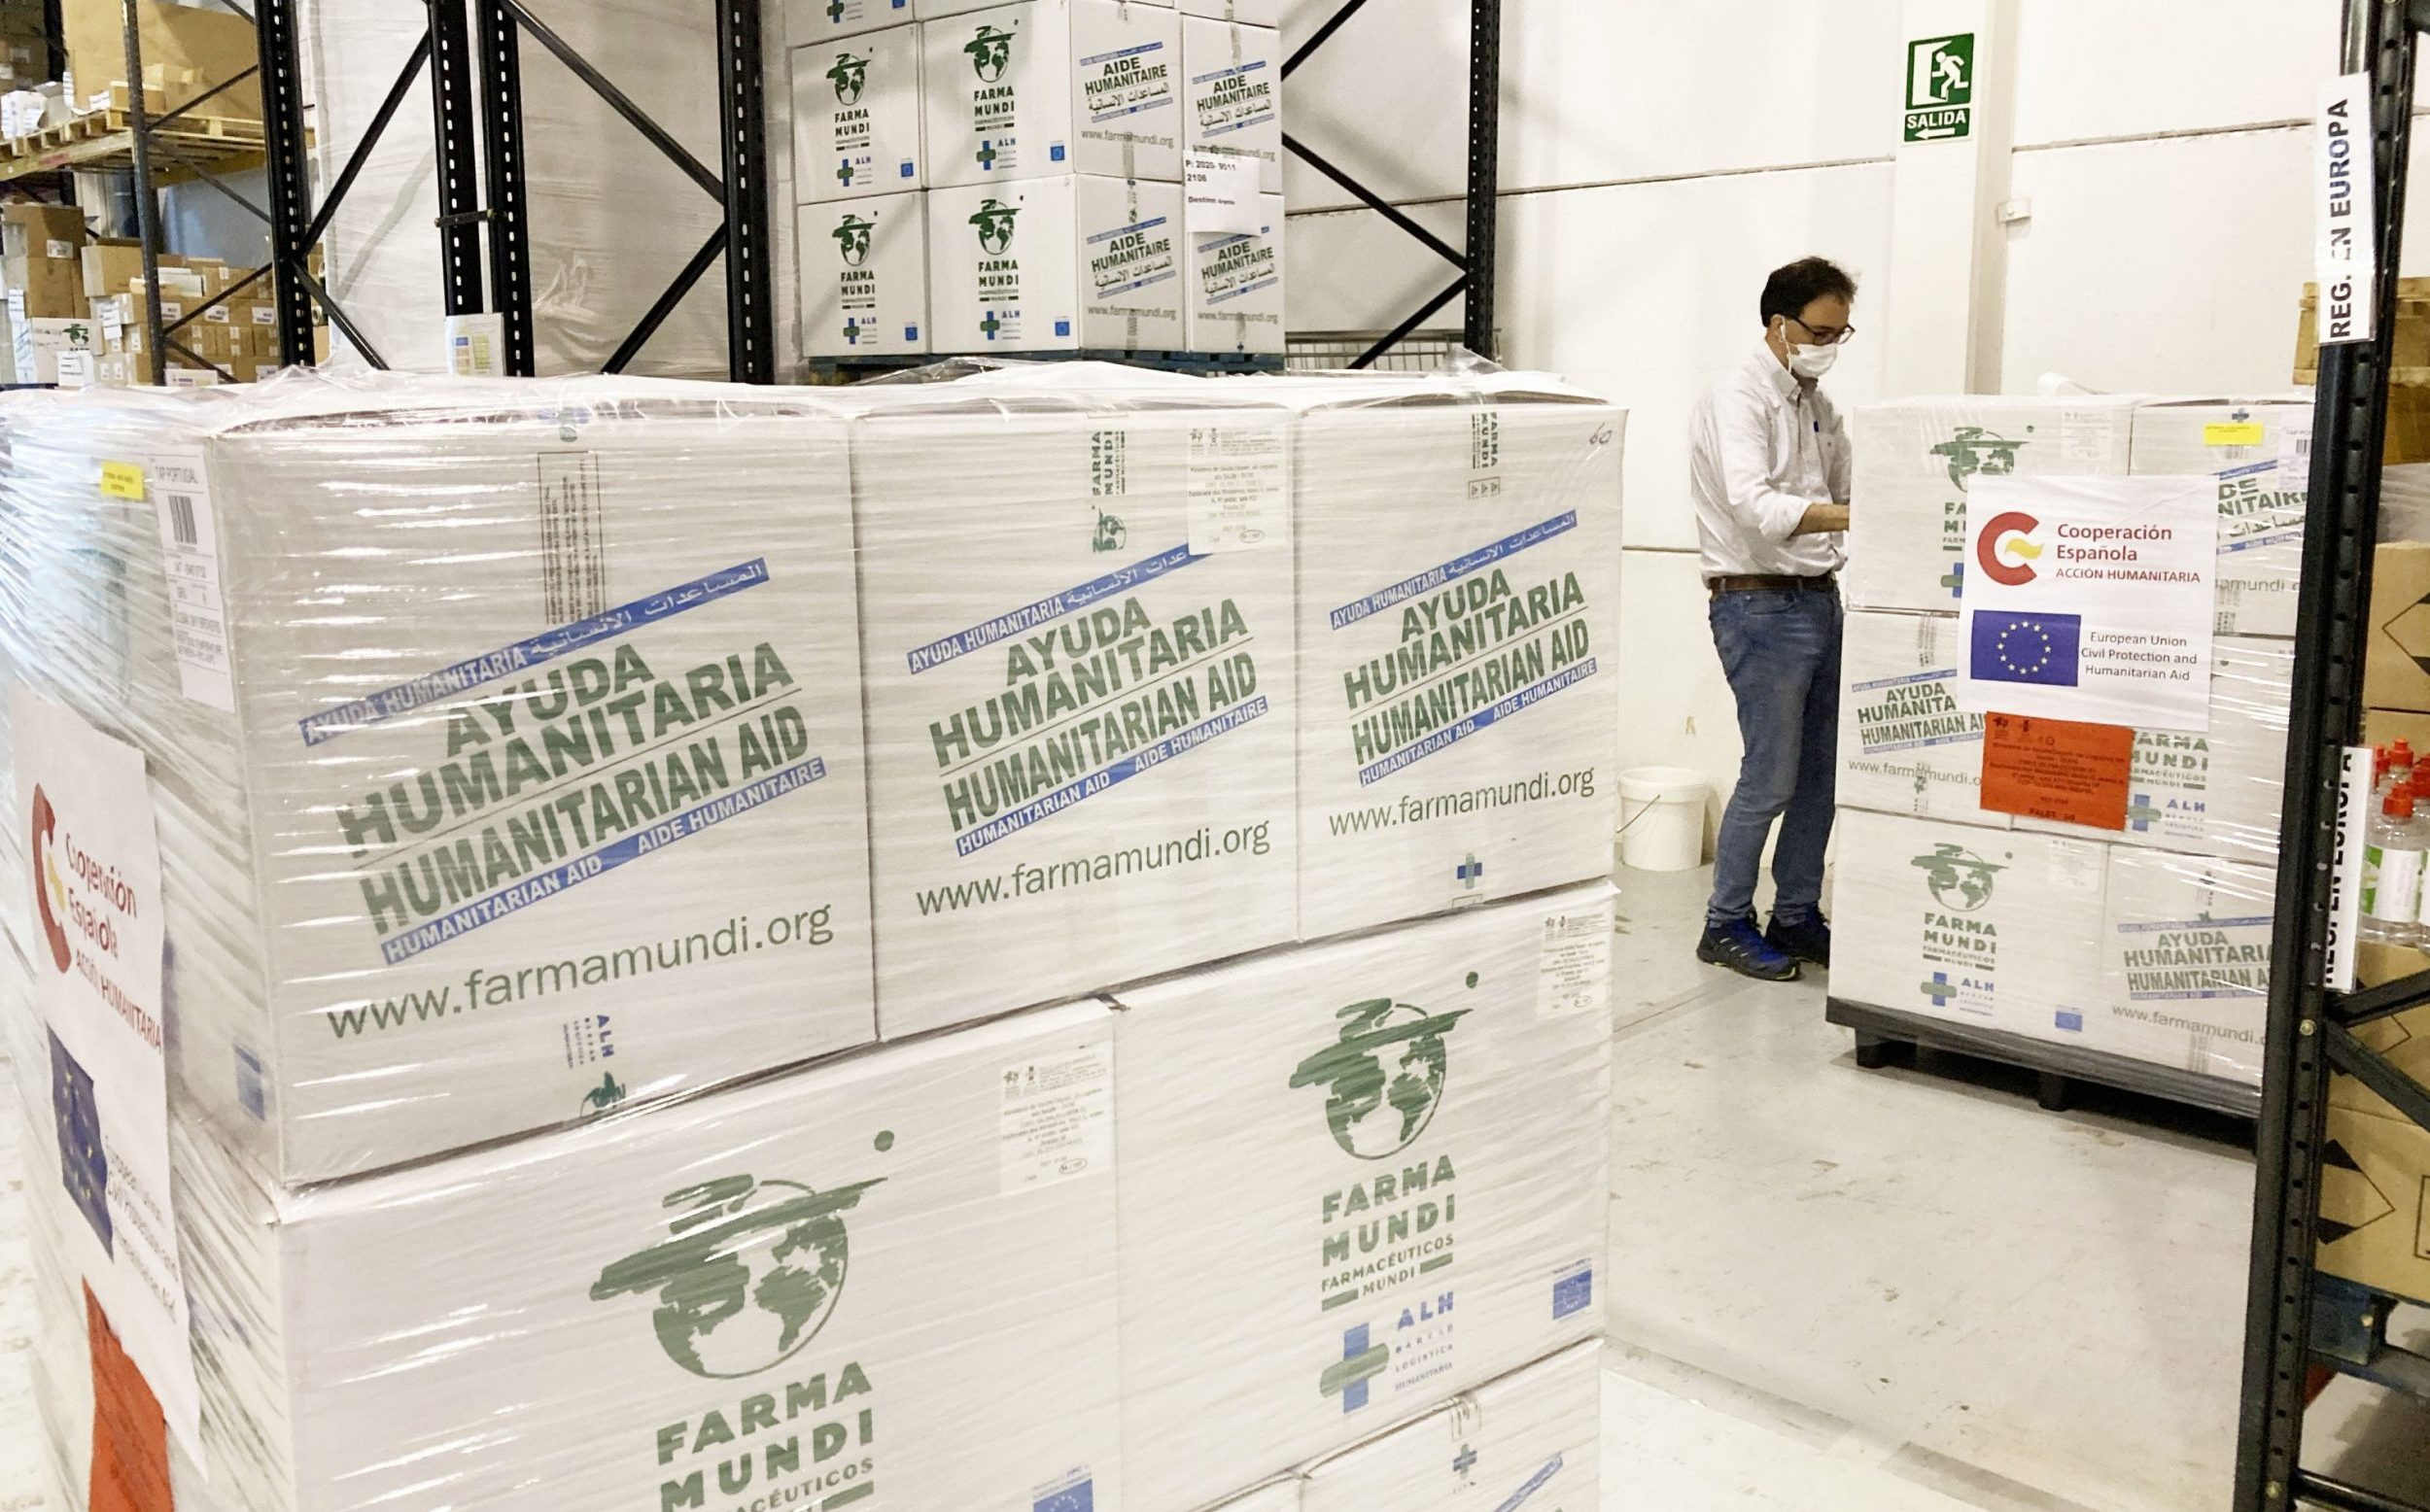 La cooperación española confía a Farmamundi los suministros de emergencias para frenar el COVID-19